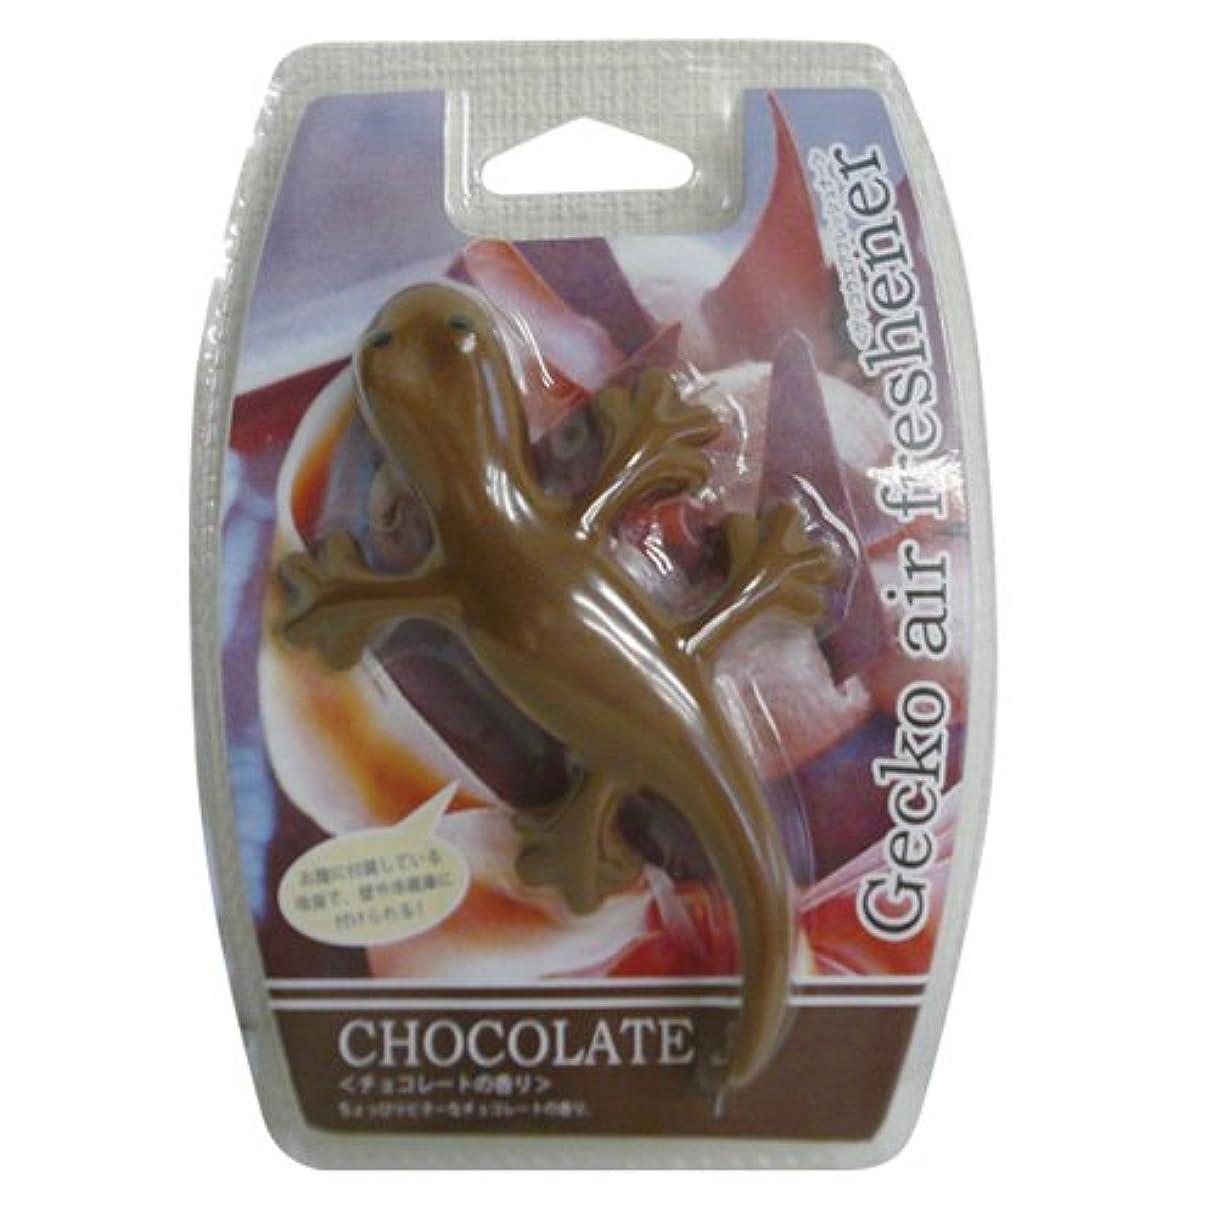 契約するこの踏みつけゲッコウ エアフレッシュナー チョコレート